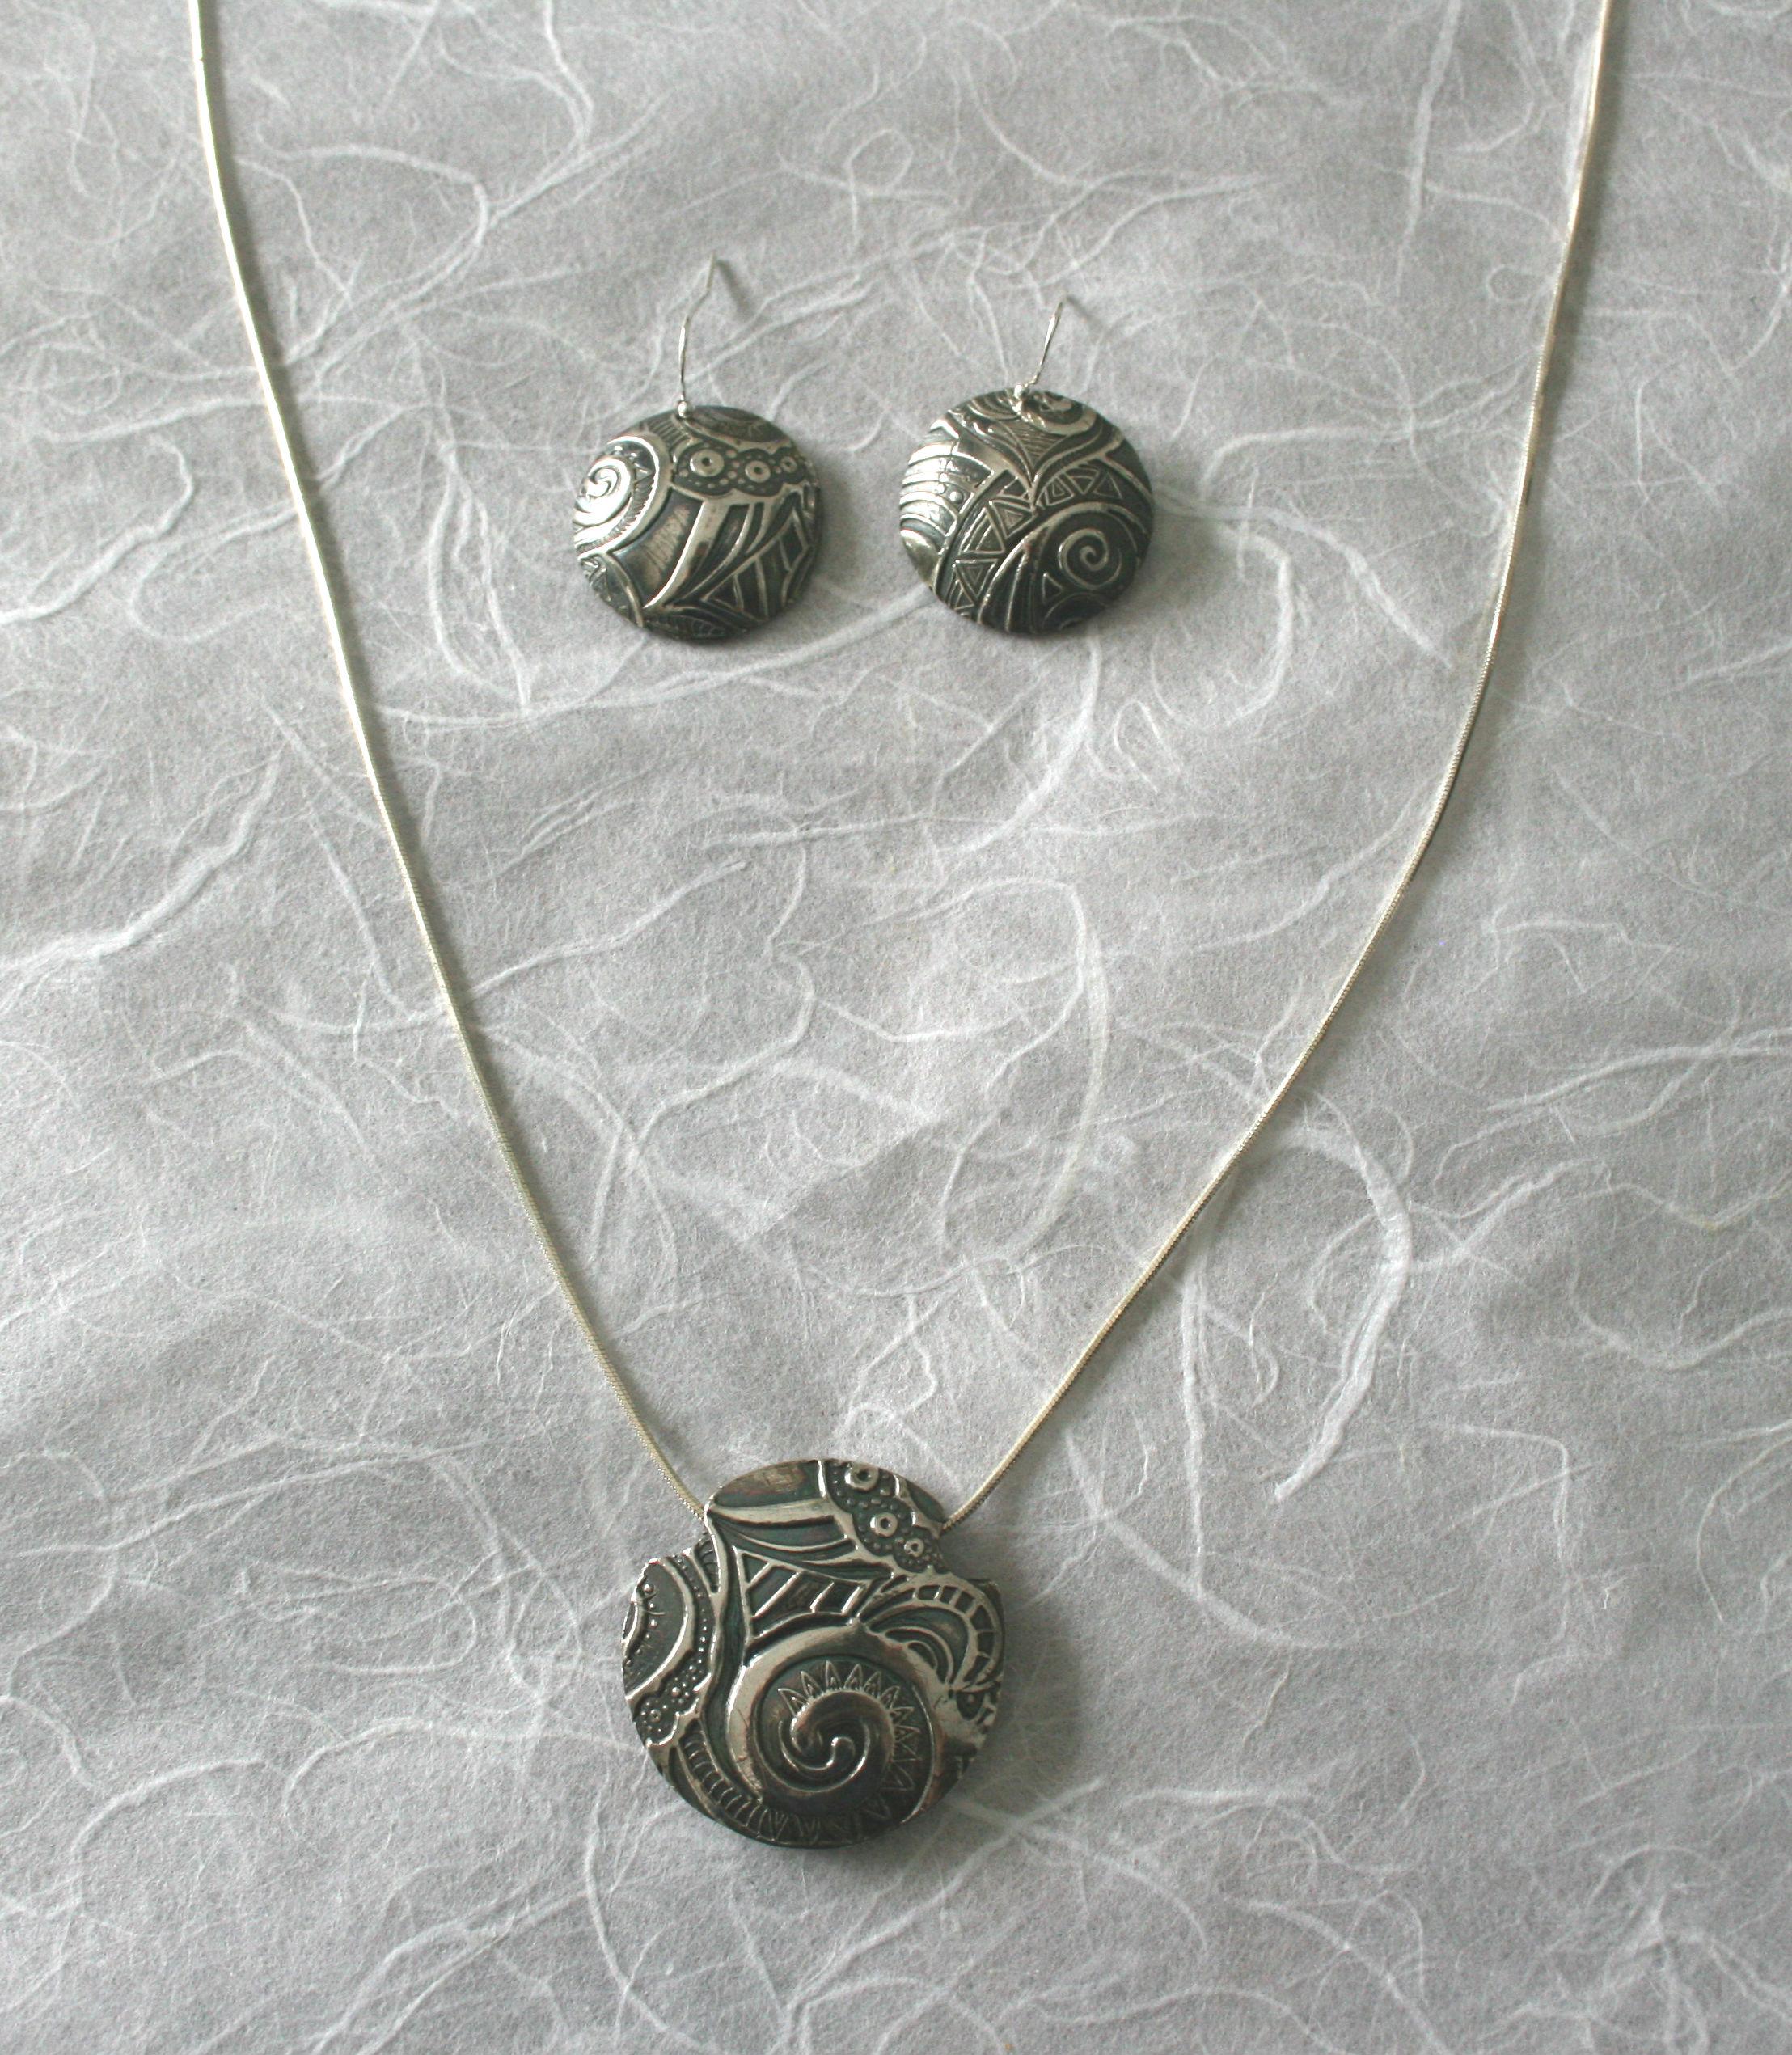 Lentil pendant